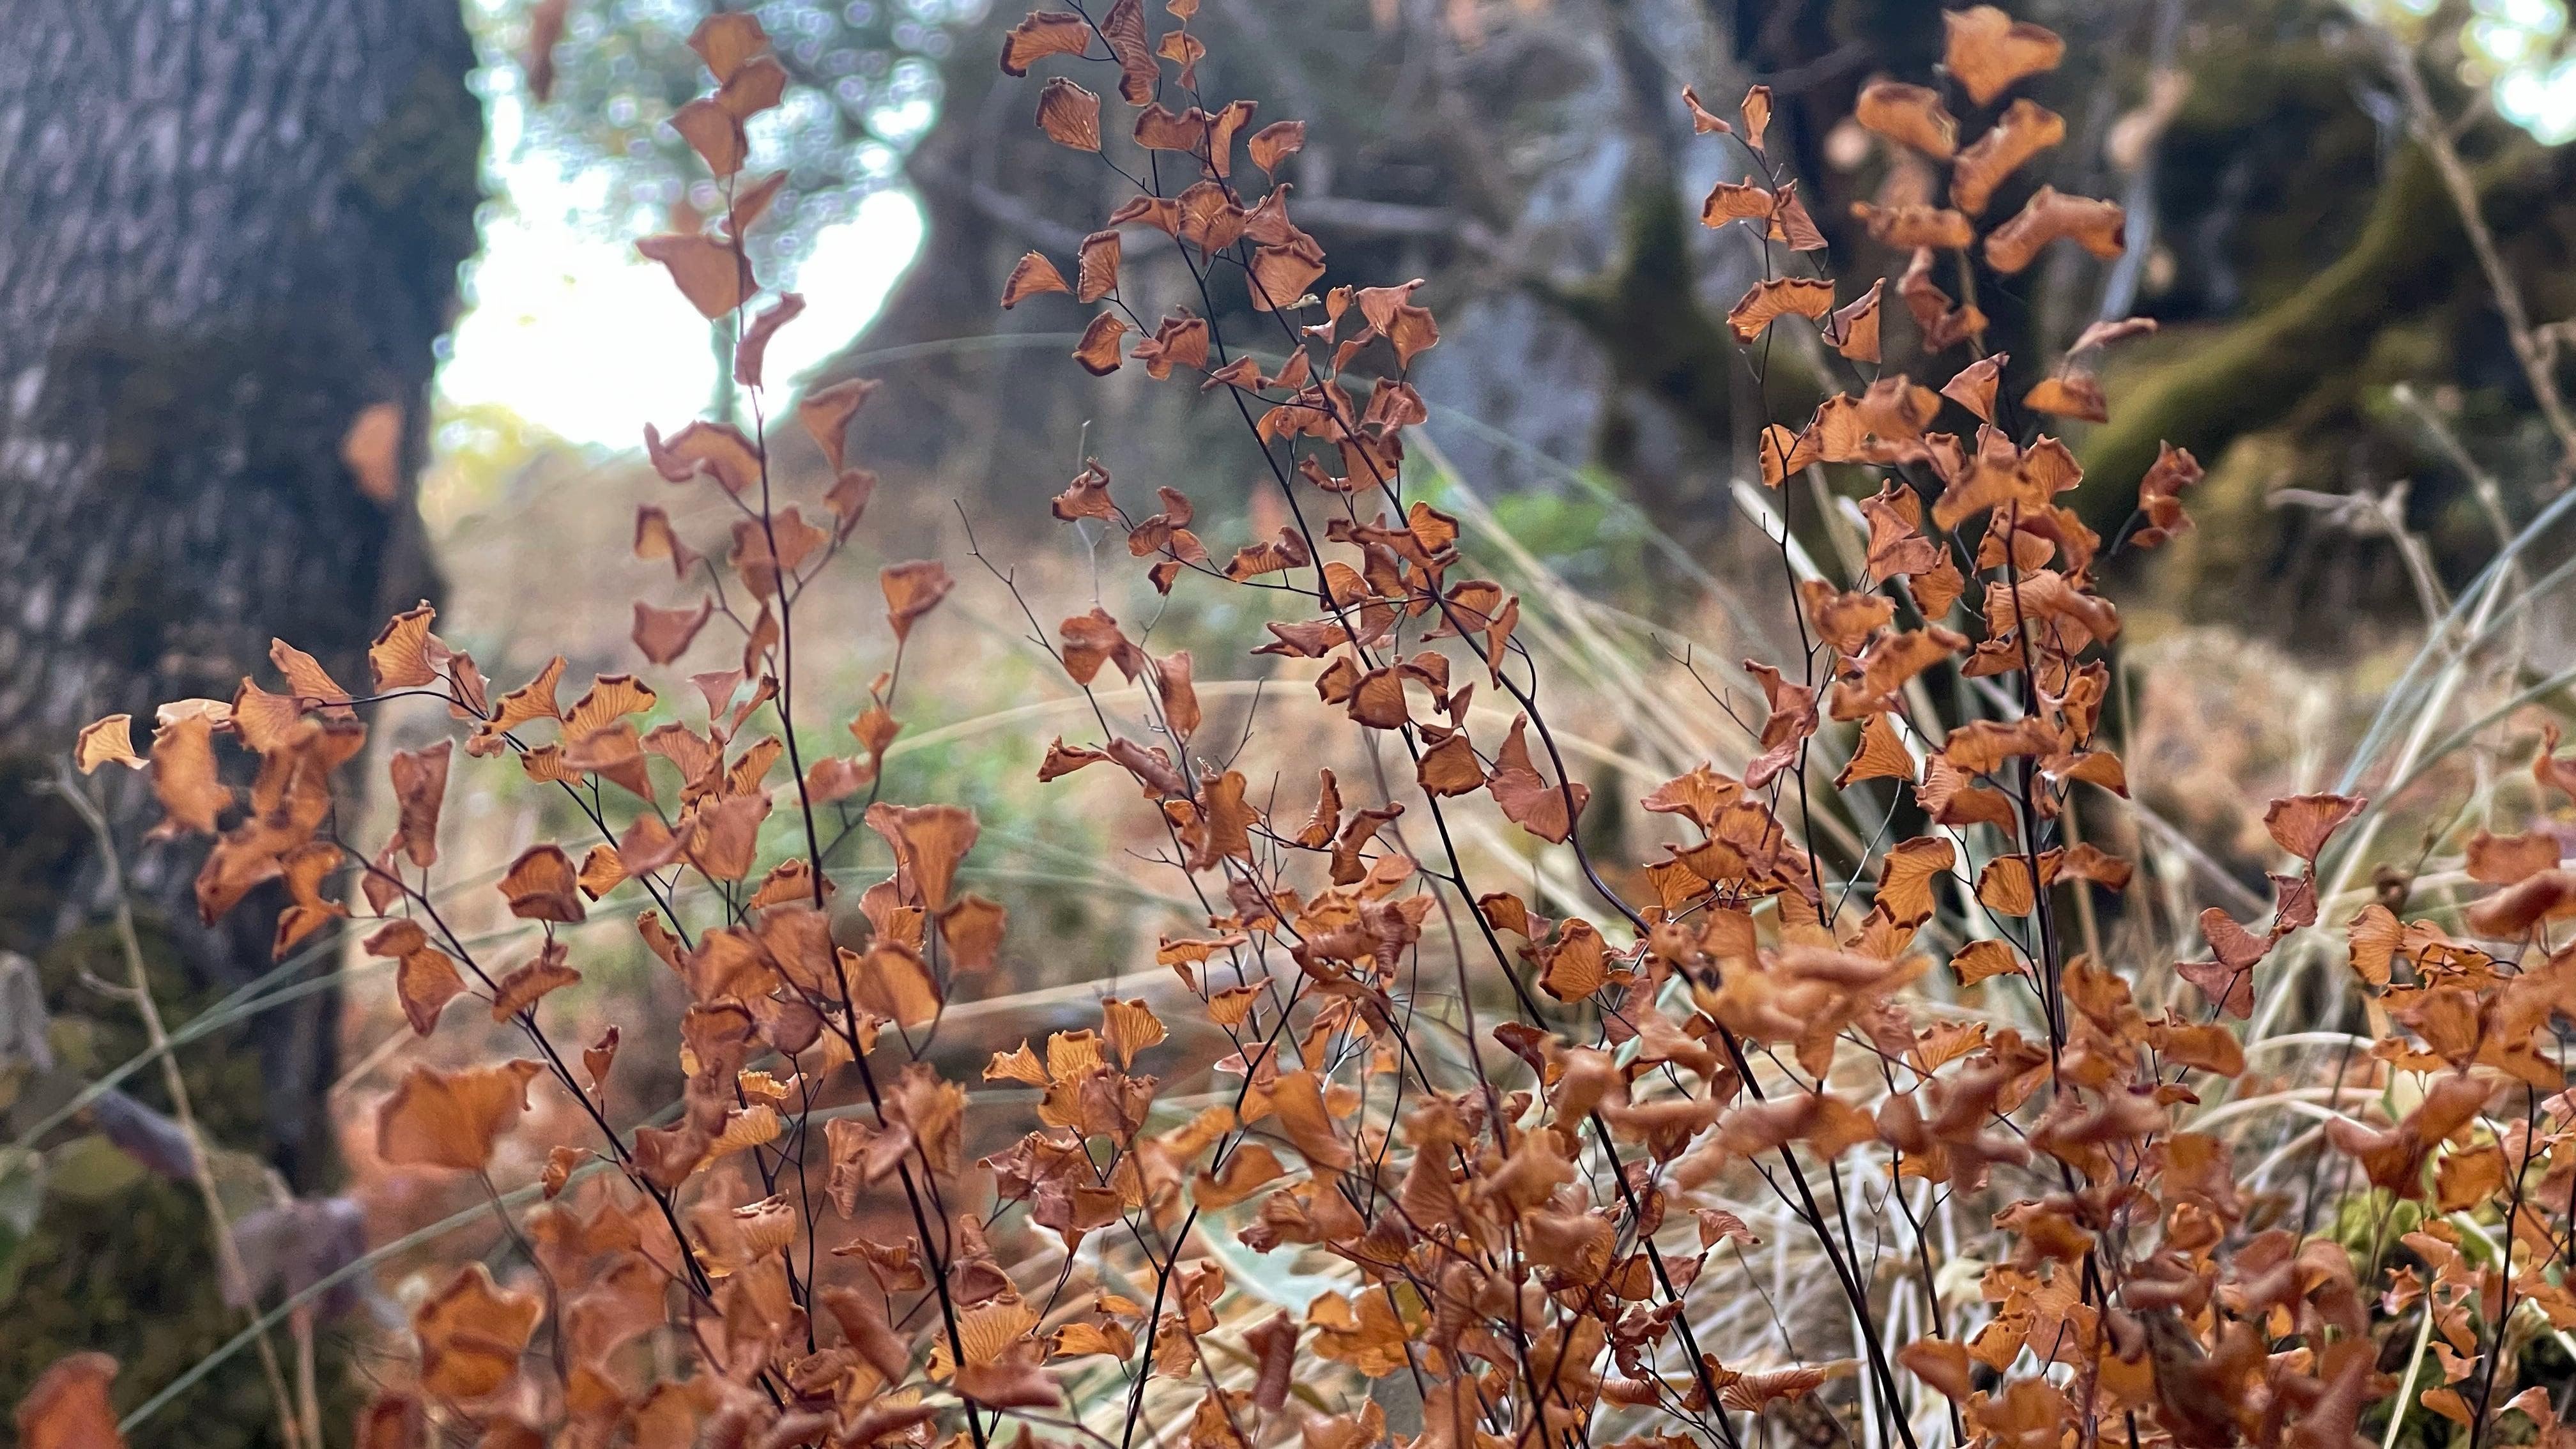 maiden hair ferns in autumn